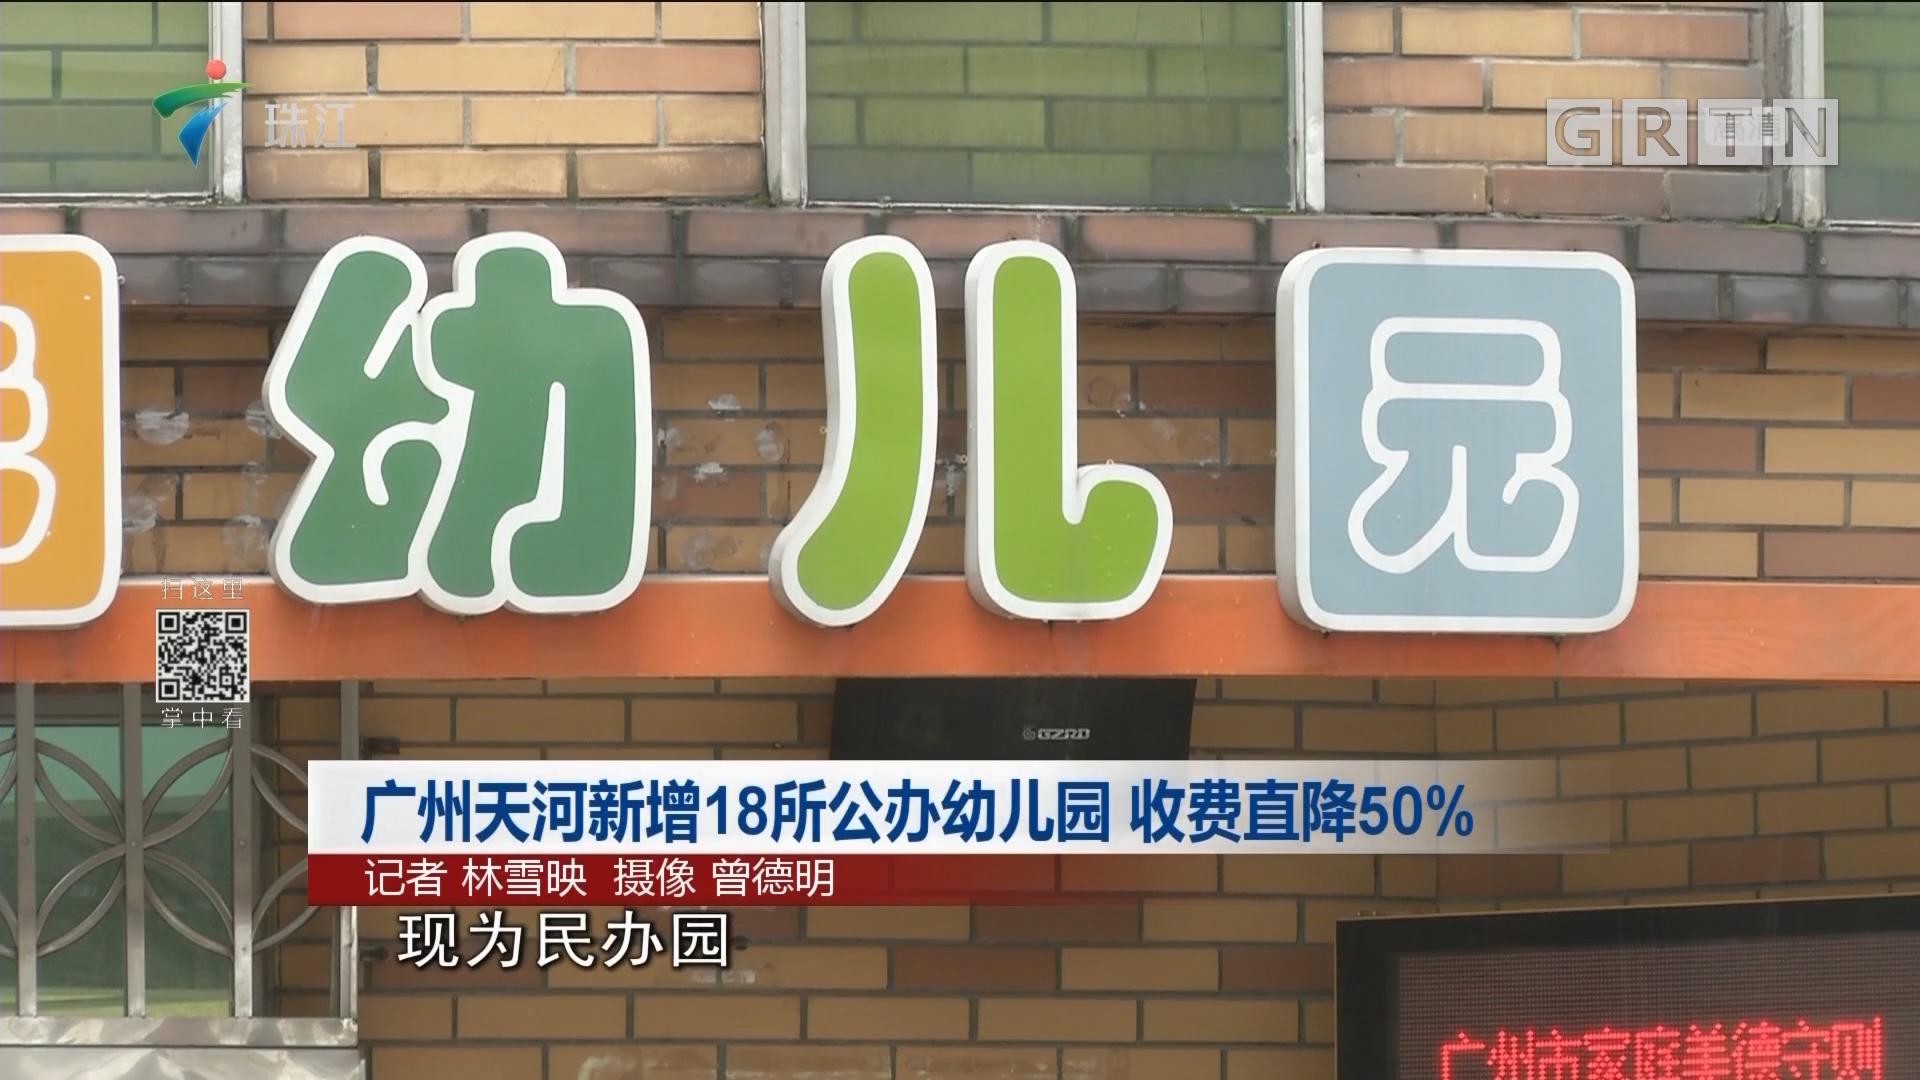 广州天河区新增18所公办幼儿园 收费直降50%